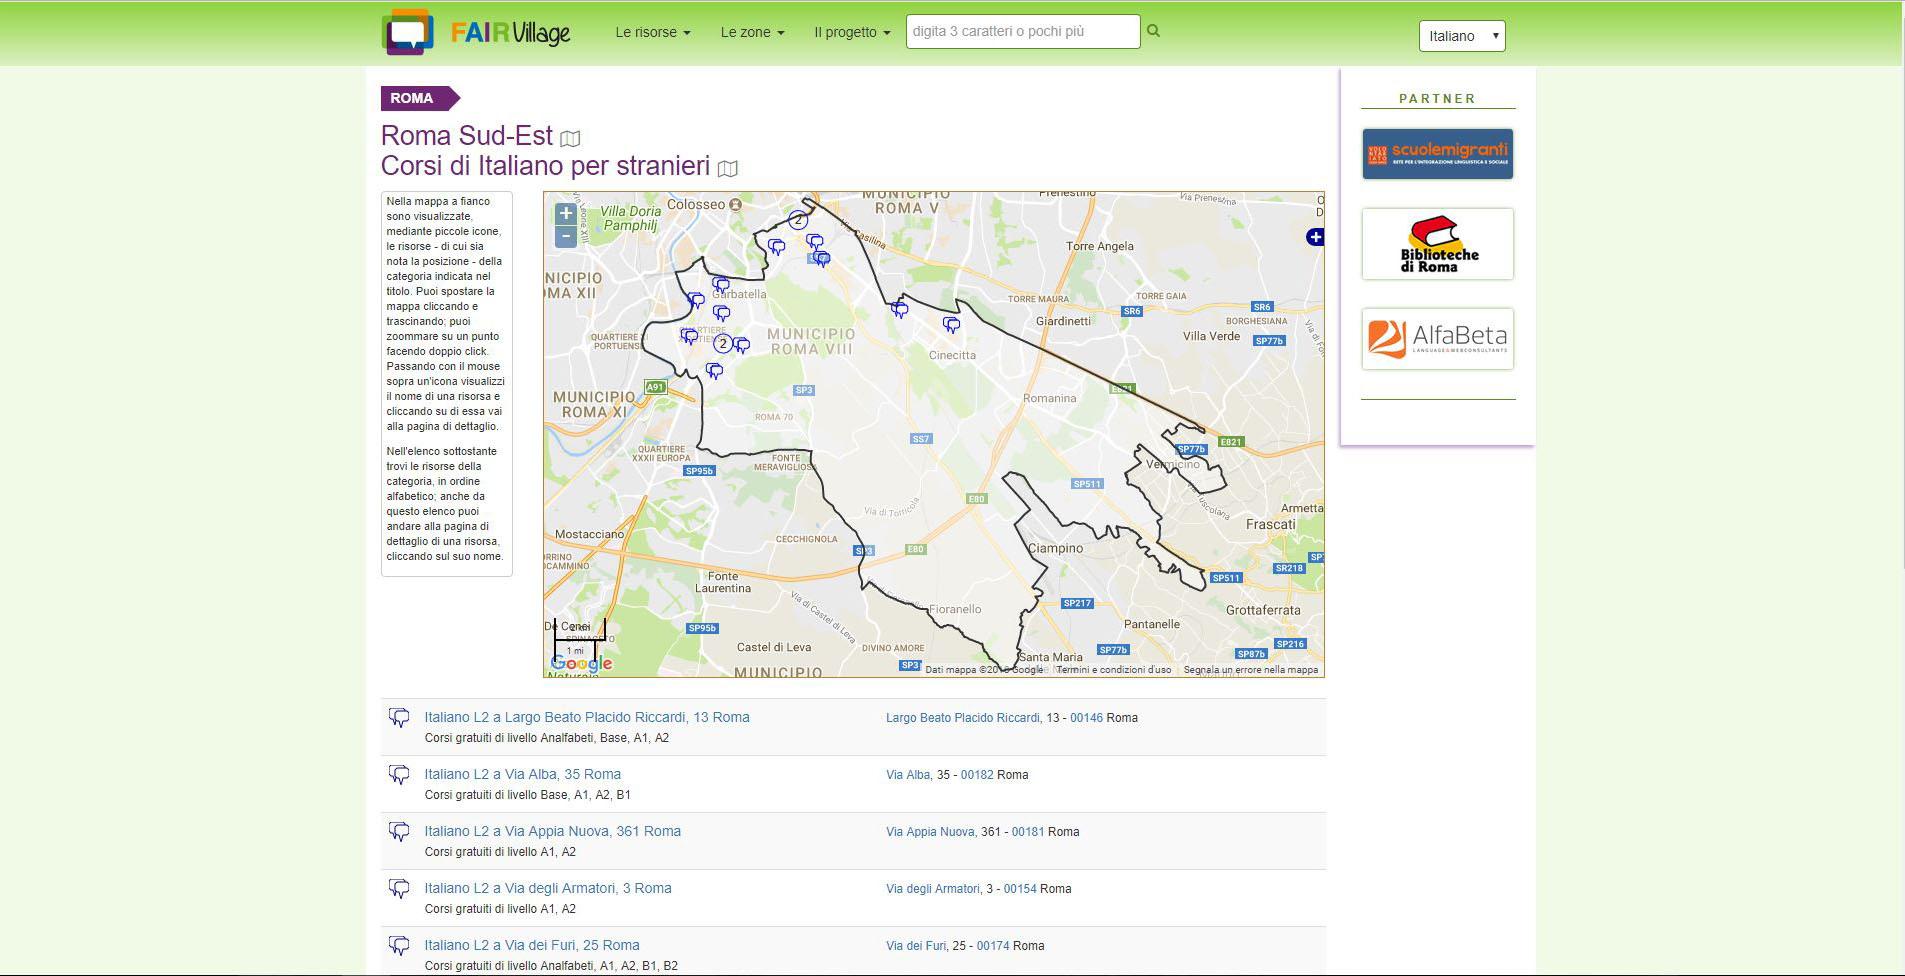 Corsi di Italiano a Roma Sud